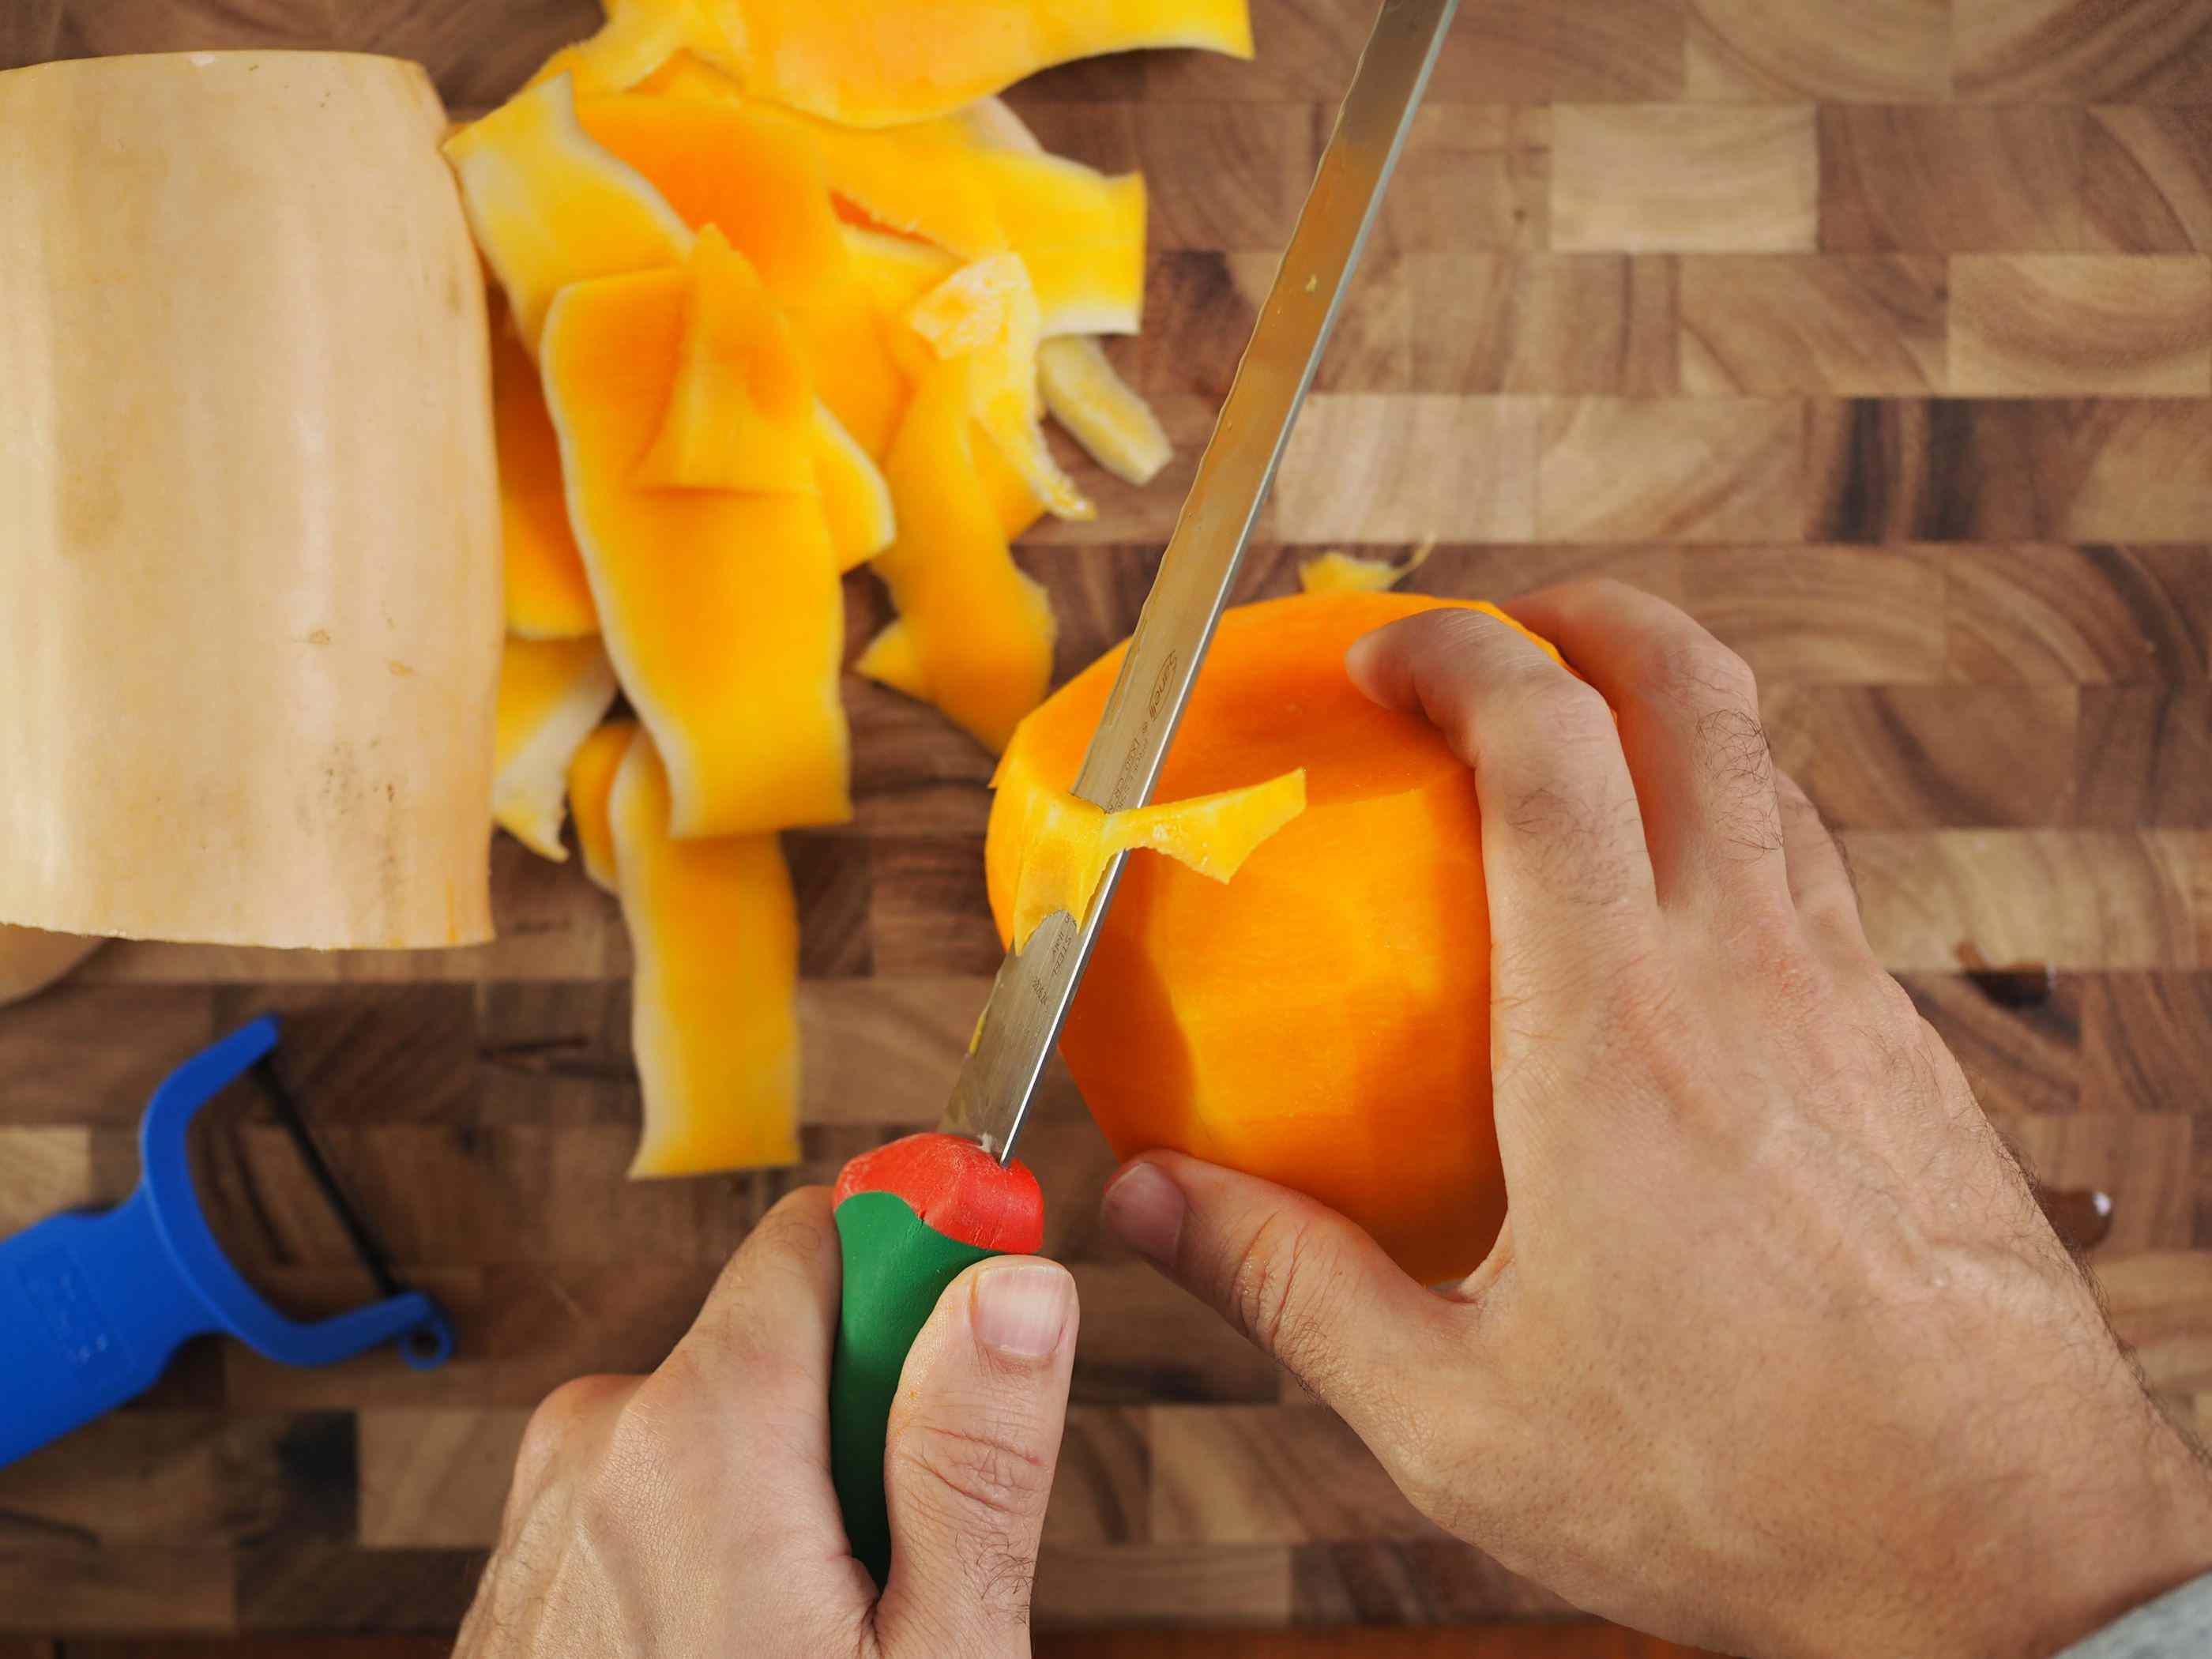 20141008-knife-skills-butternut-squash-daniel-gritzer10.jpg